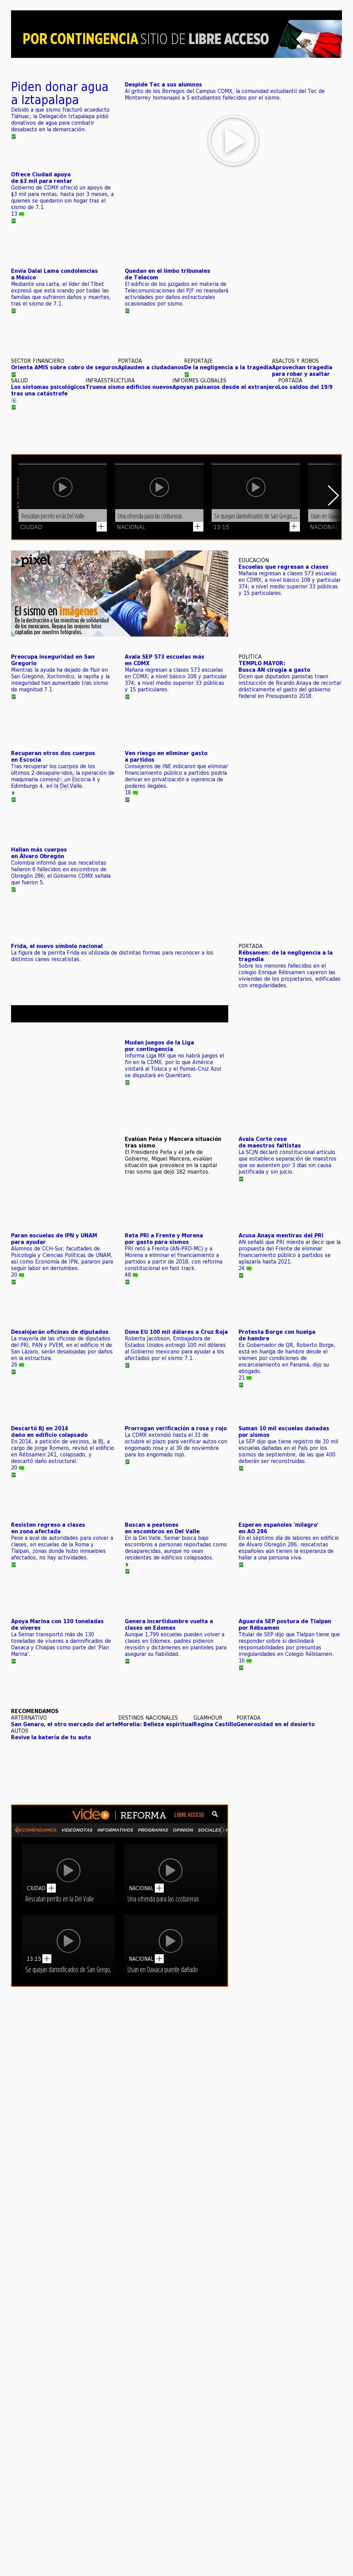 Reforma.com at Tuesday Sept. 26, 2017, 3:19 a.m. UTC